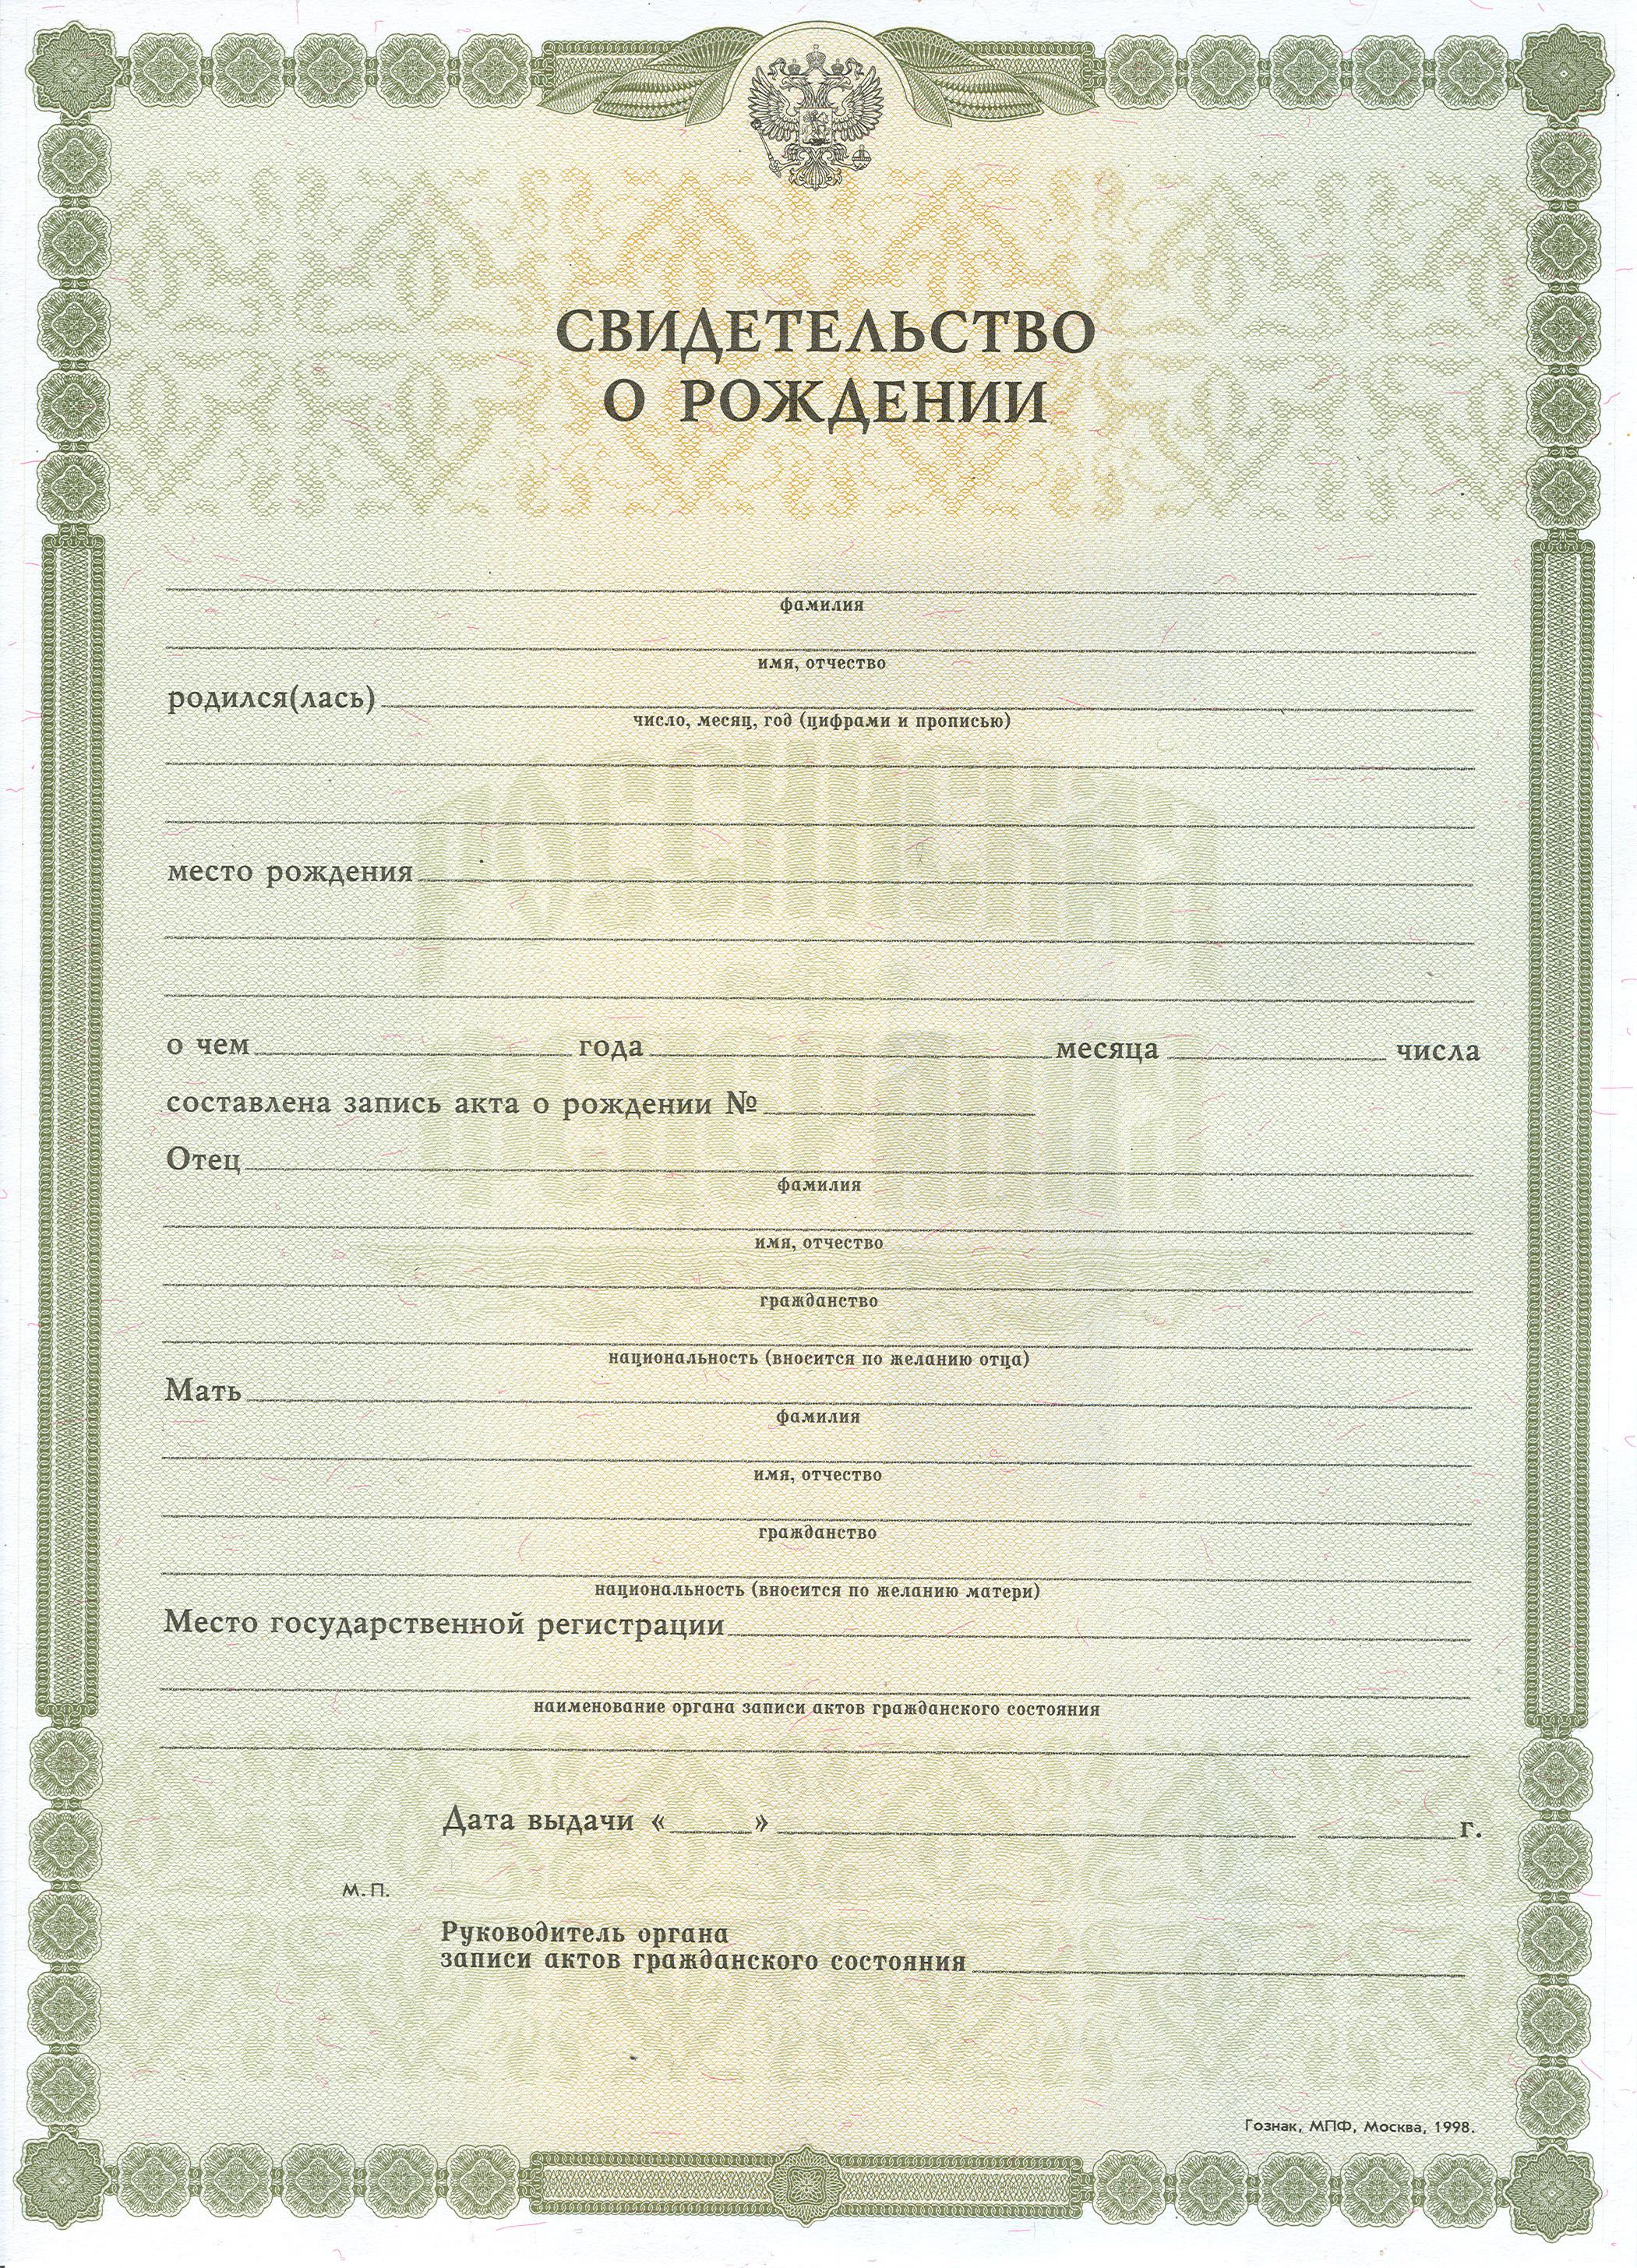 """Справка форма № 9 (справка """"о регистрации"""") – где получить, срок и порядок оформления"""